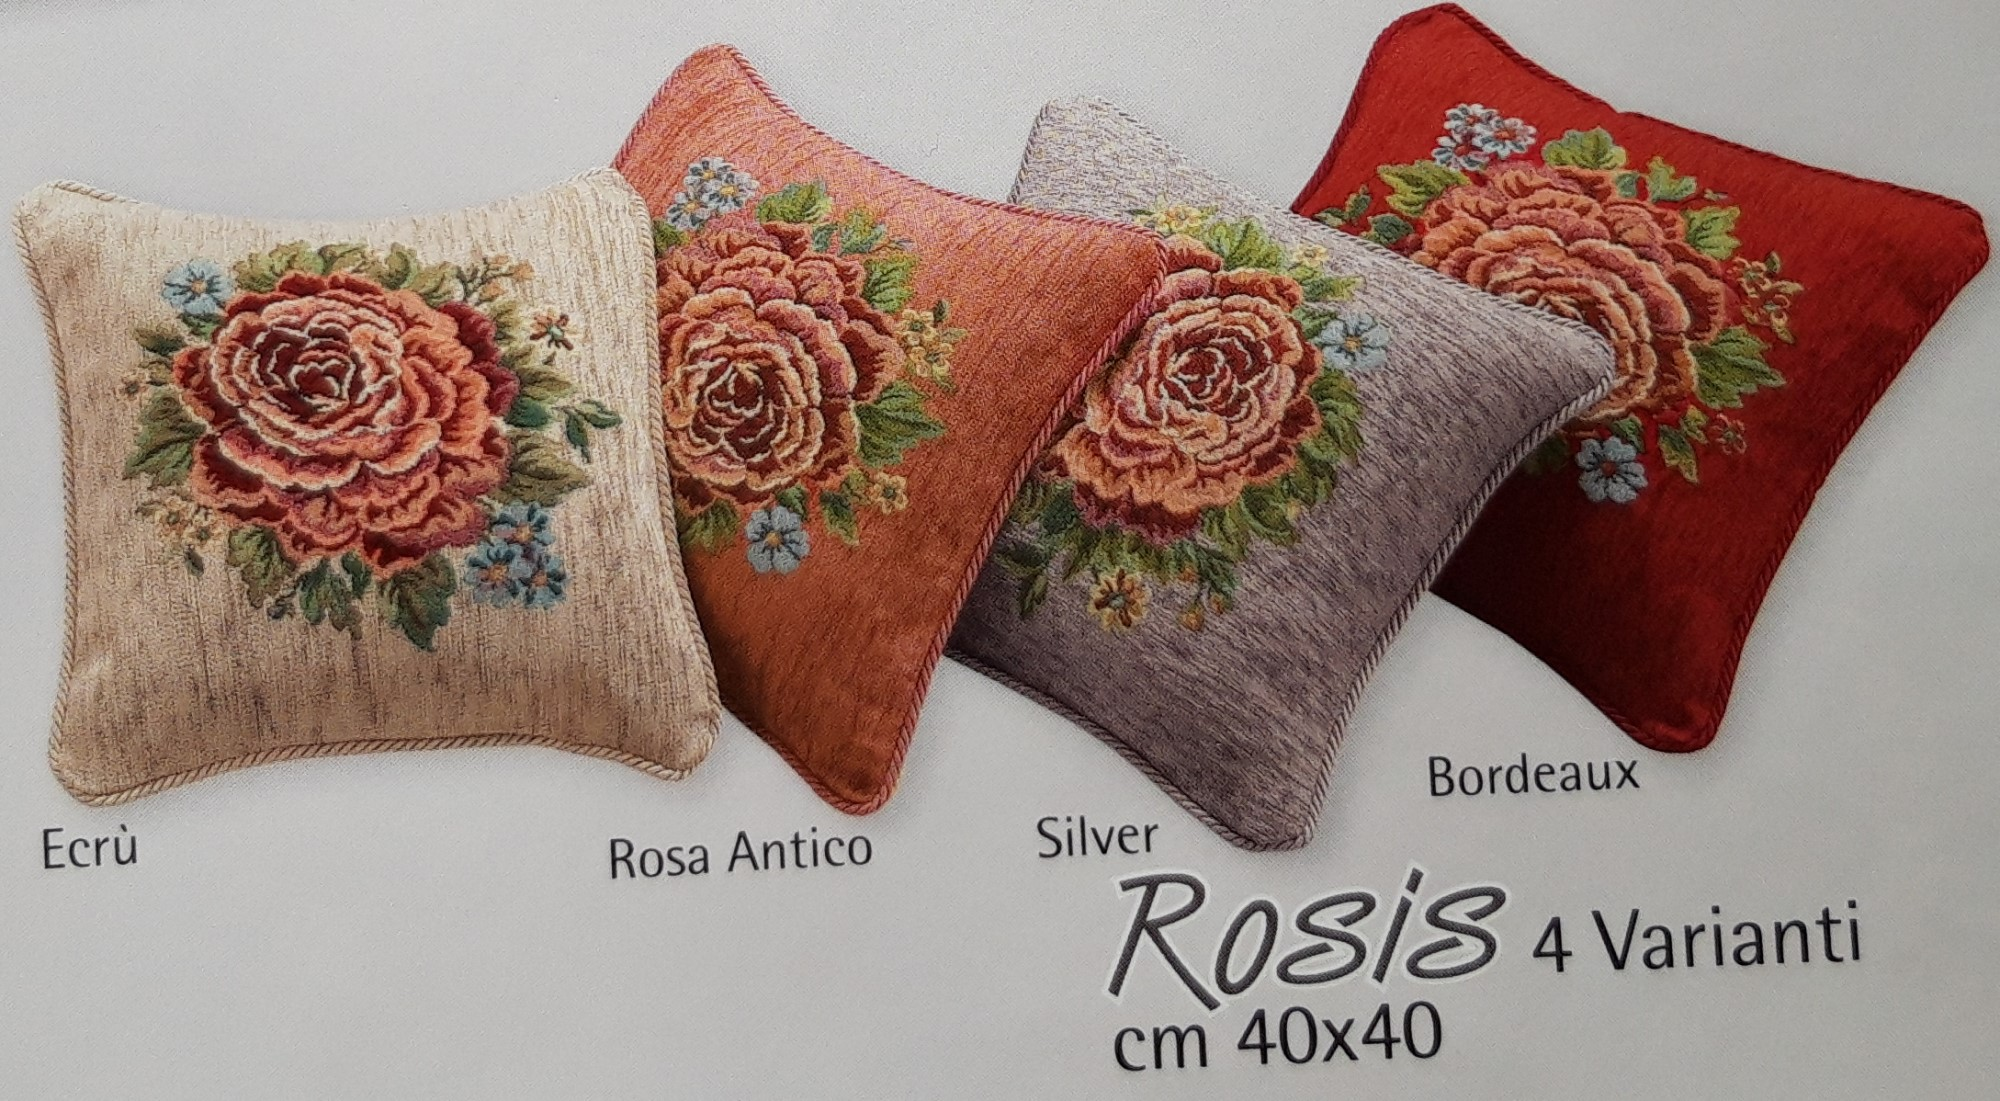 Fodera Cuscino Arredo Rosis